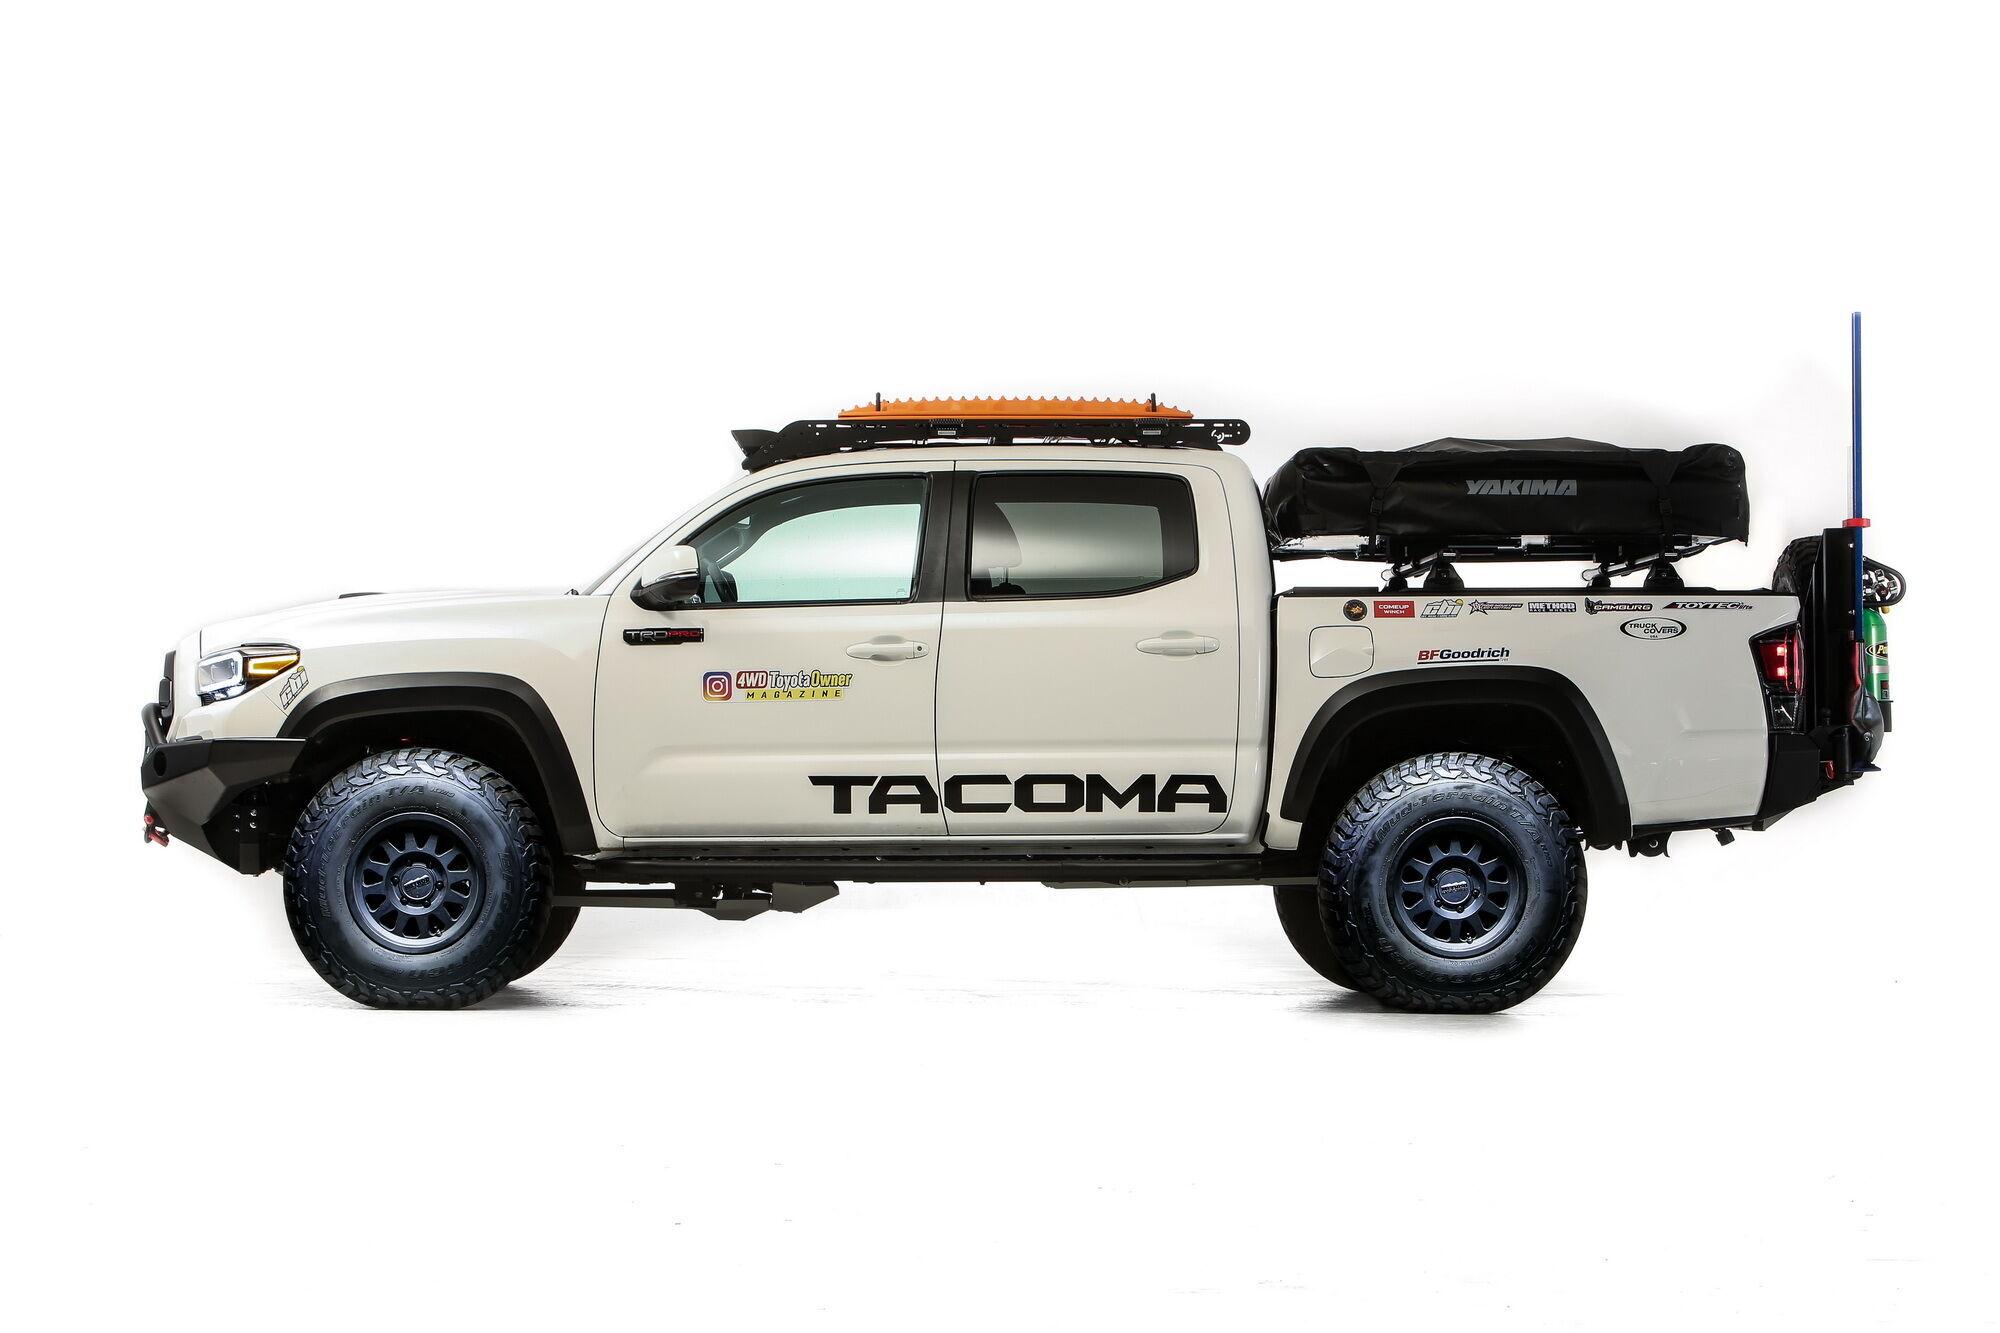 4WD Toyota Owner Magazine Overland-Ready Tacoma